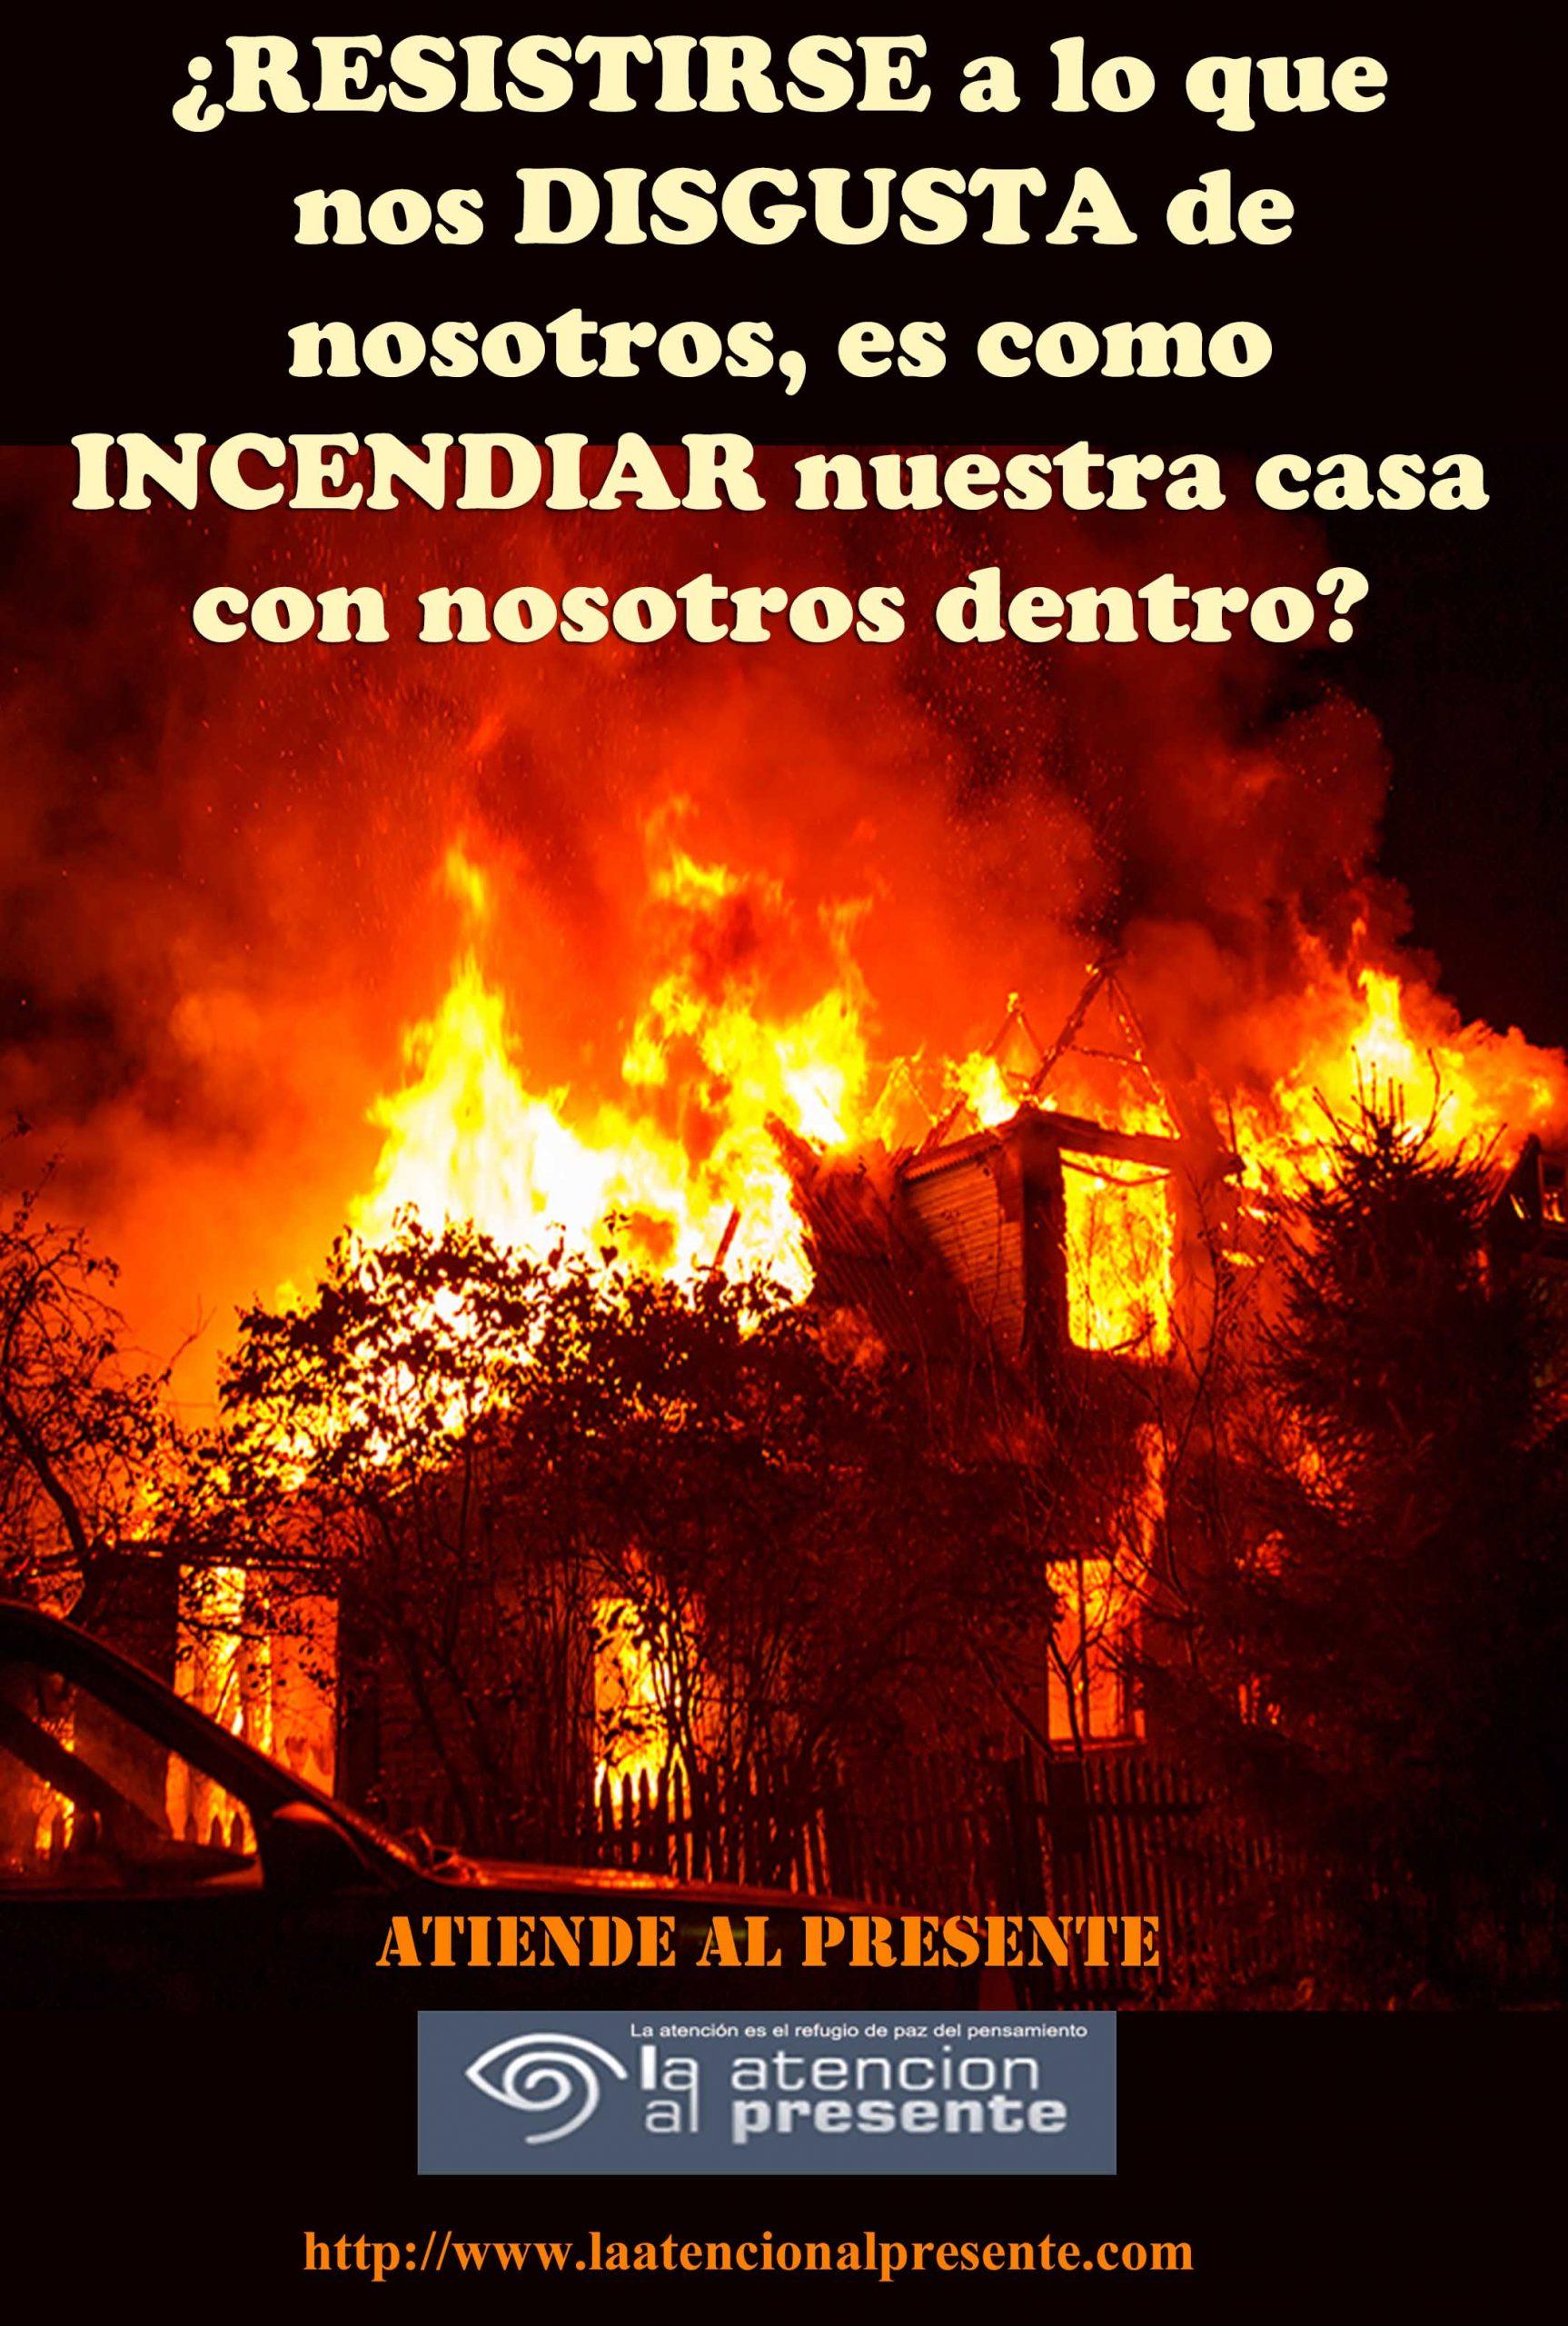 29 de junio Isa RESISTIRSE a lo que nos DISGUSTA de nosotros es como incendiar nuestra casa con nosotros dentro min scaled